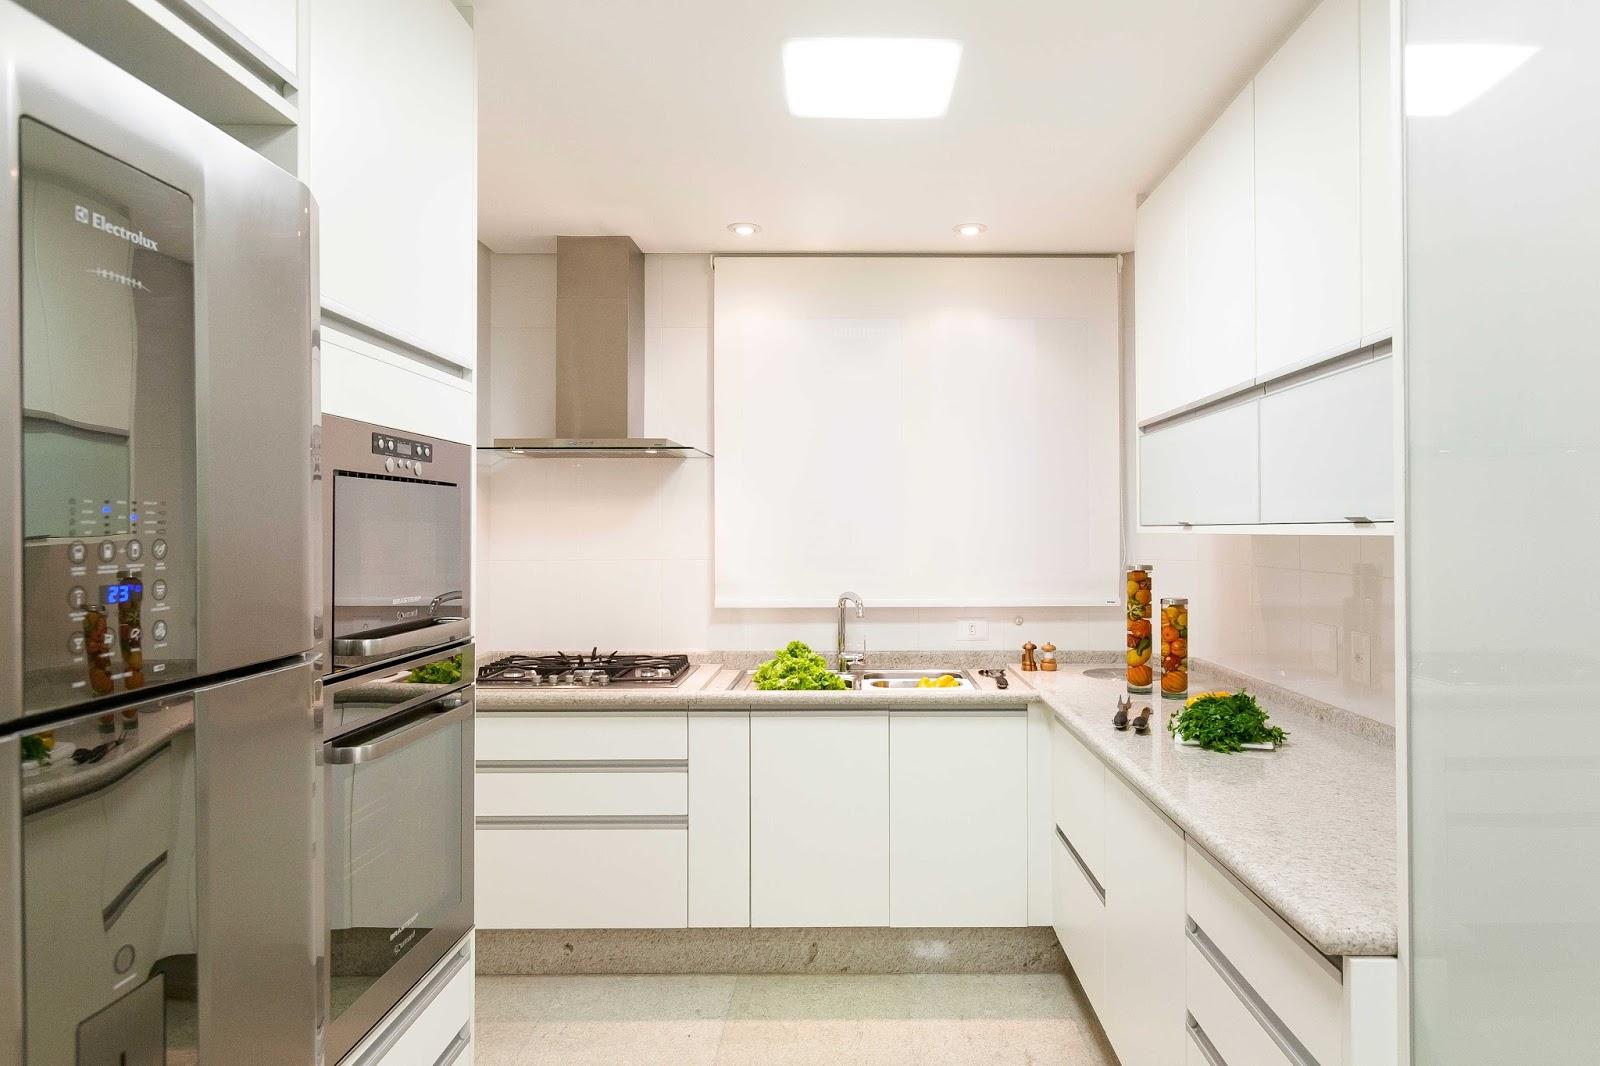 cozinhas bancadas granito pia cuba modelos decor salteado 12 jpg 1600  #AD6E1E 1600x1066 Banheiro Com Bancada Preta